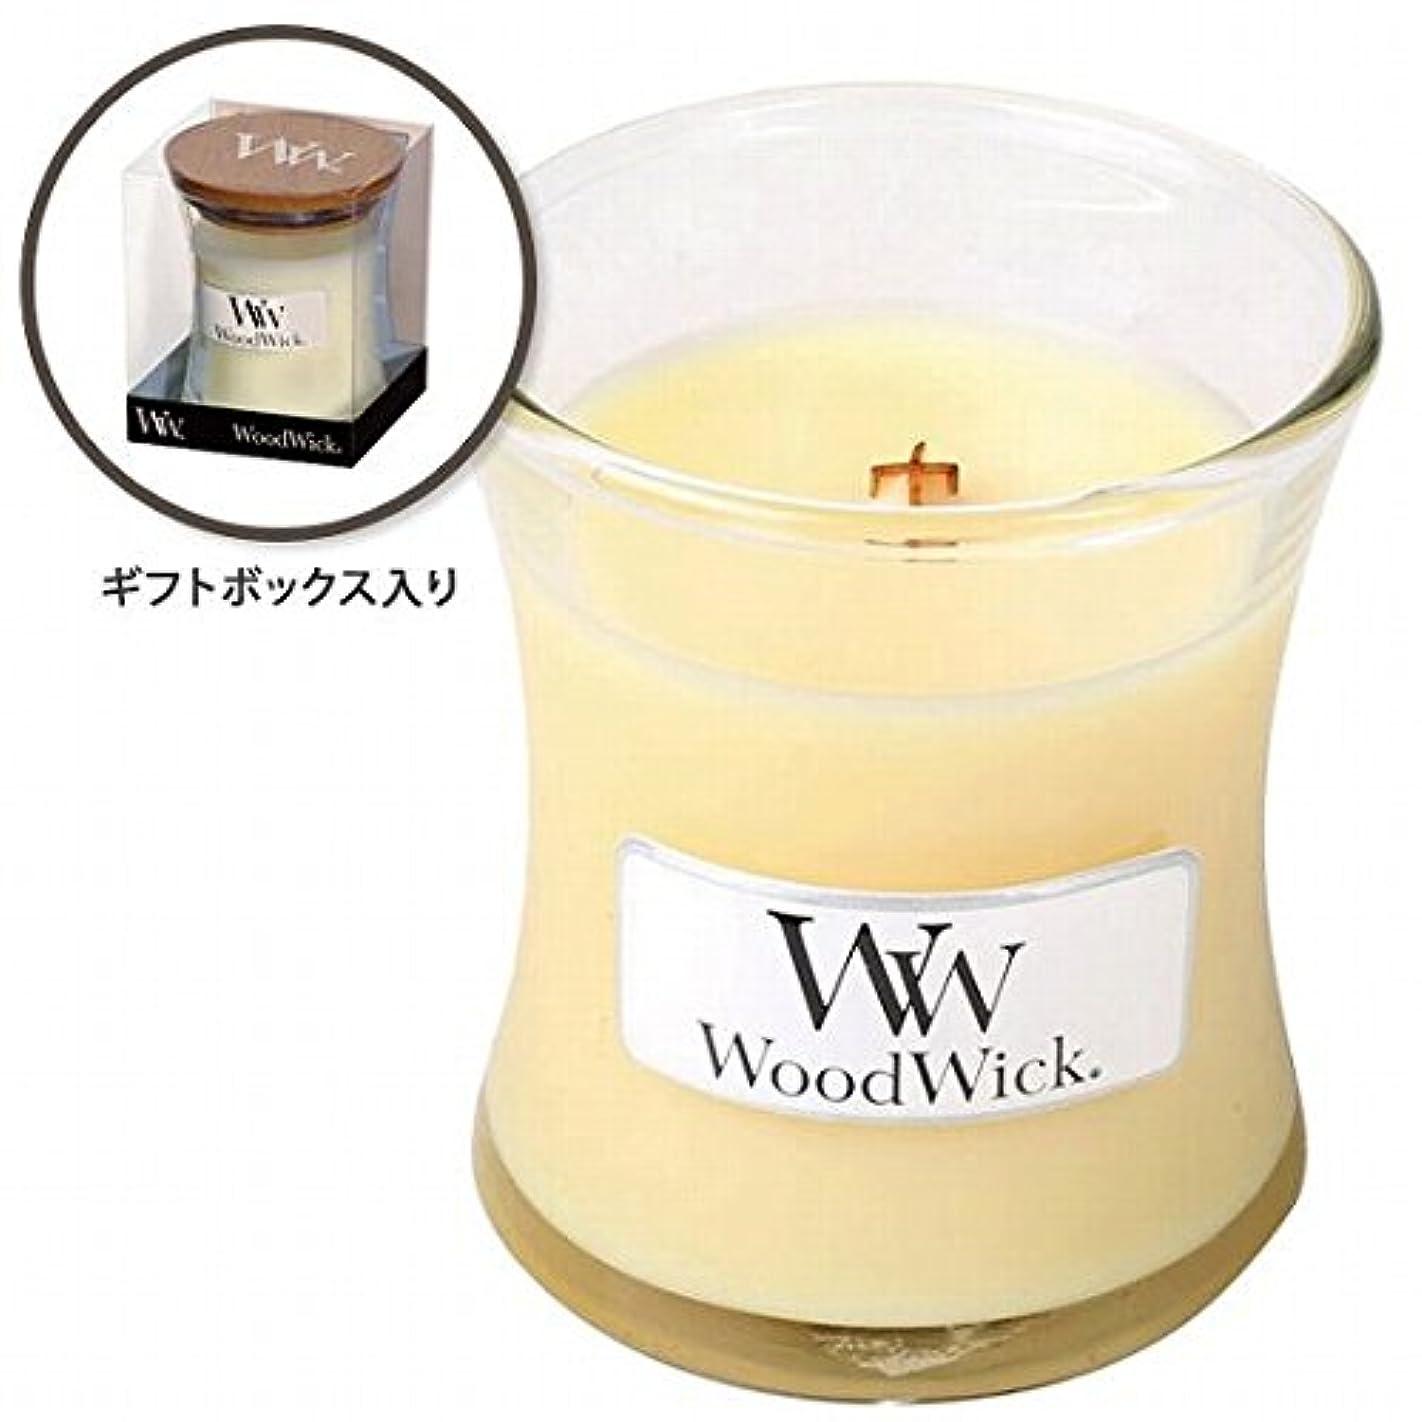 柱シリンダー親愛なWoodWick(ウッドウィック) Wood WickジャーS 「レモングラス&リリー」(W9000550)